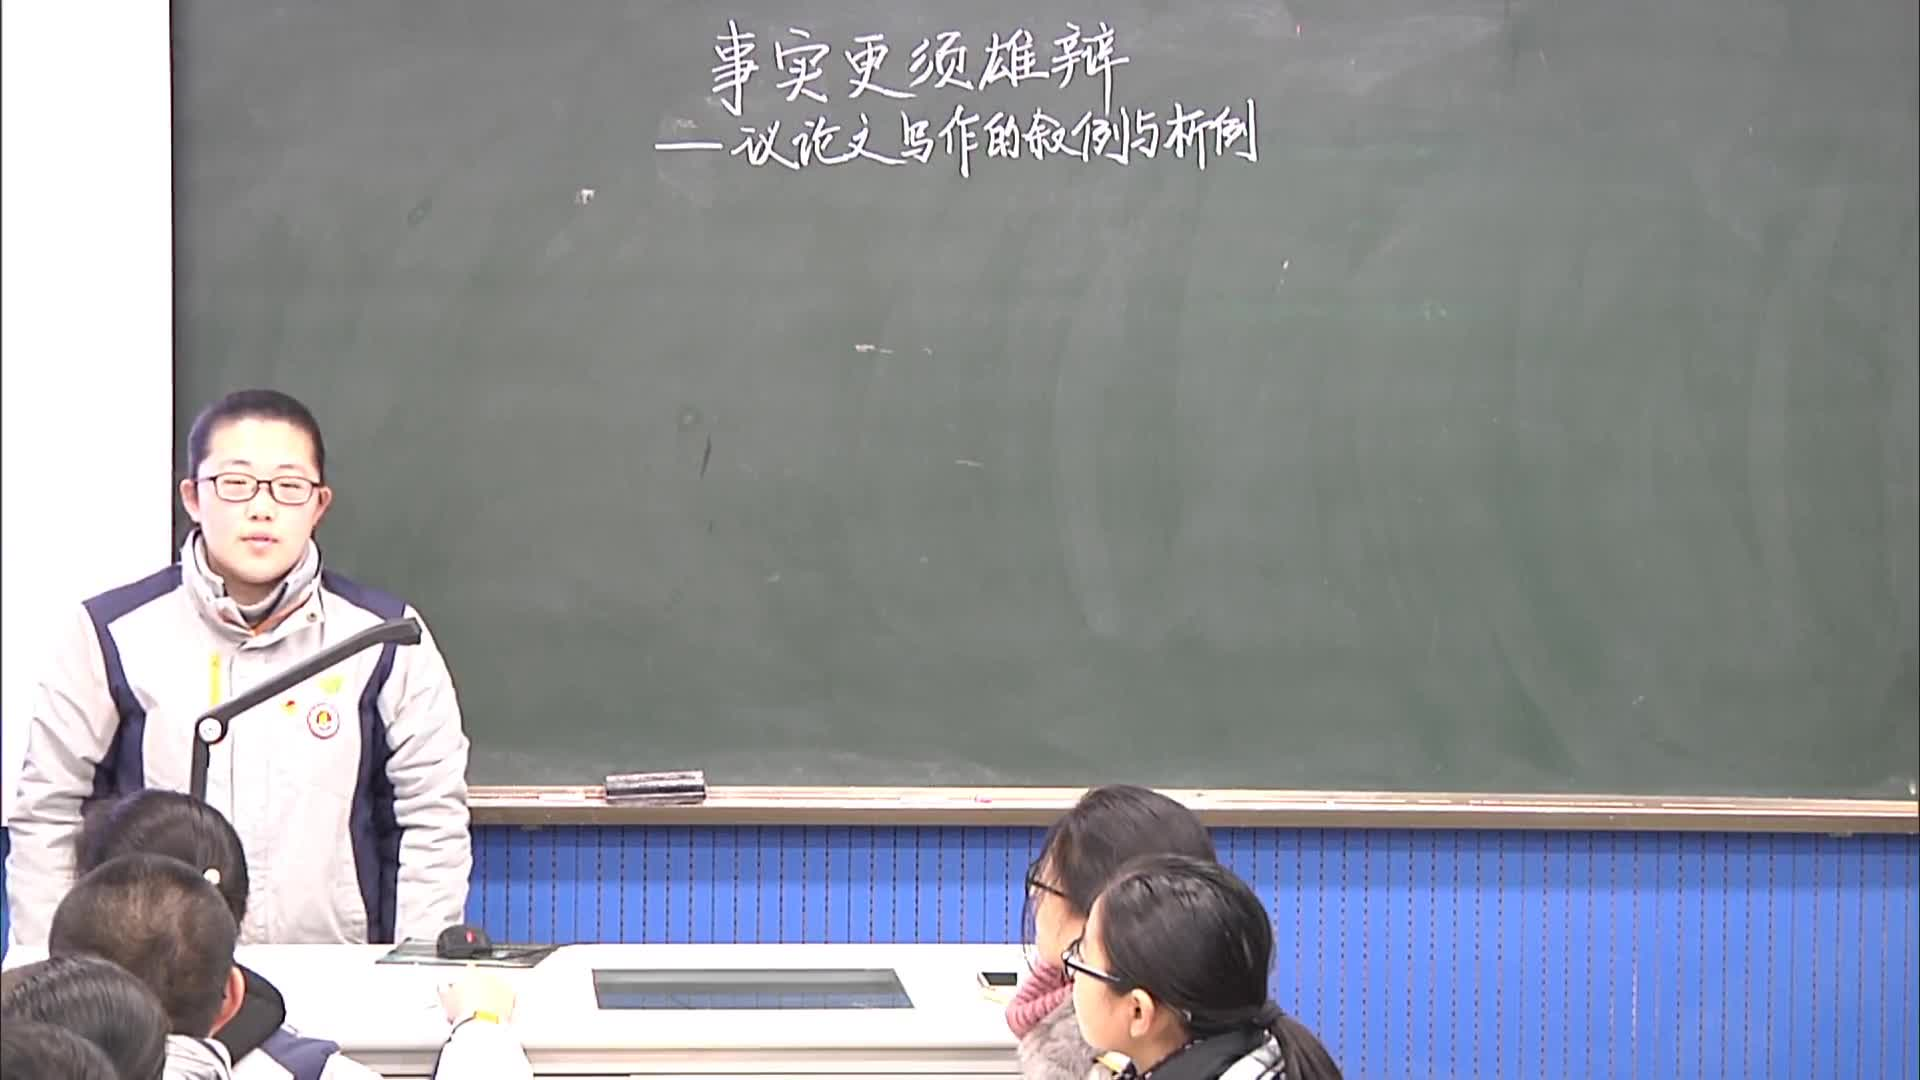 苏教版 高考作文 事实更须雄辩-议论文写作的叙例与析例-课堂实录